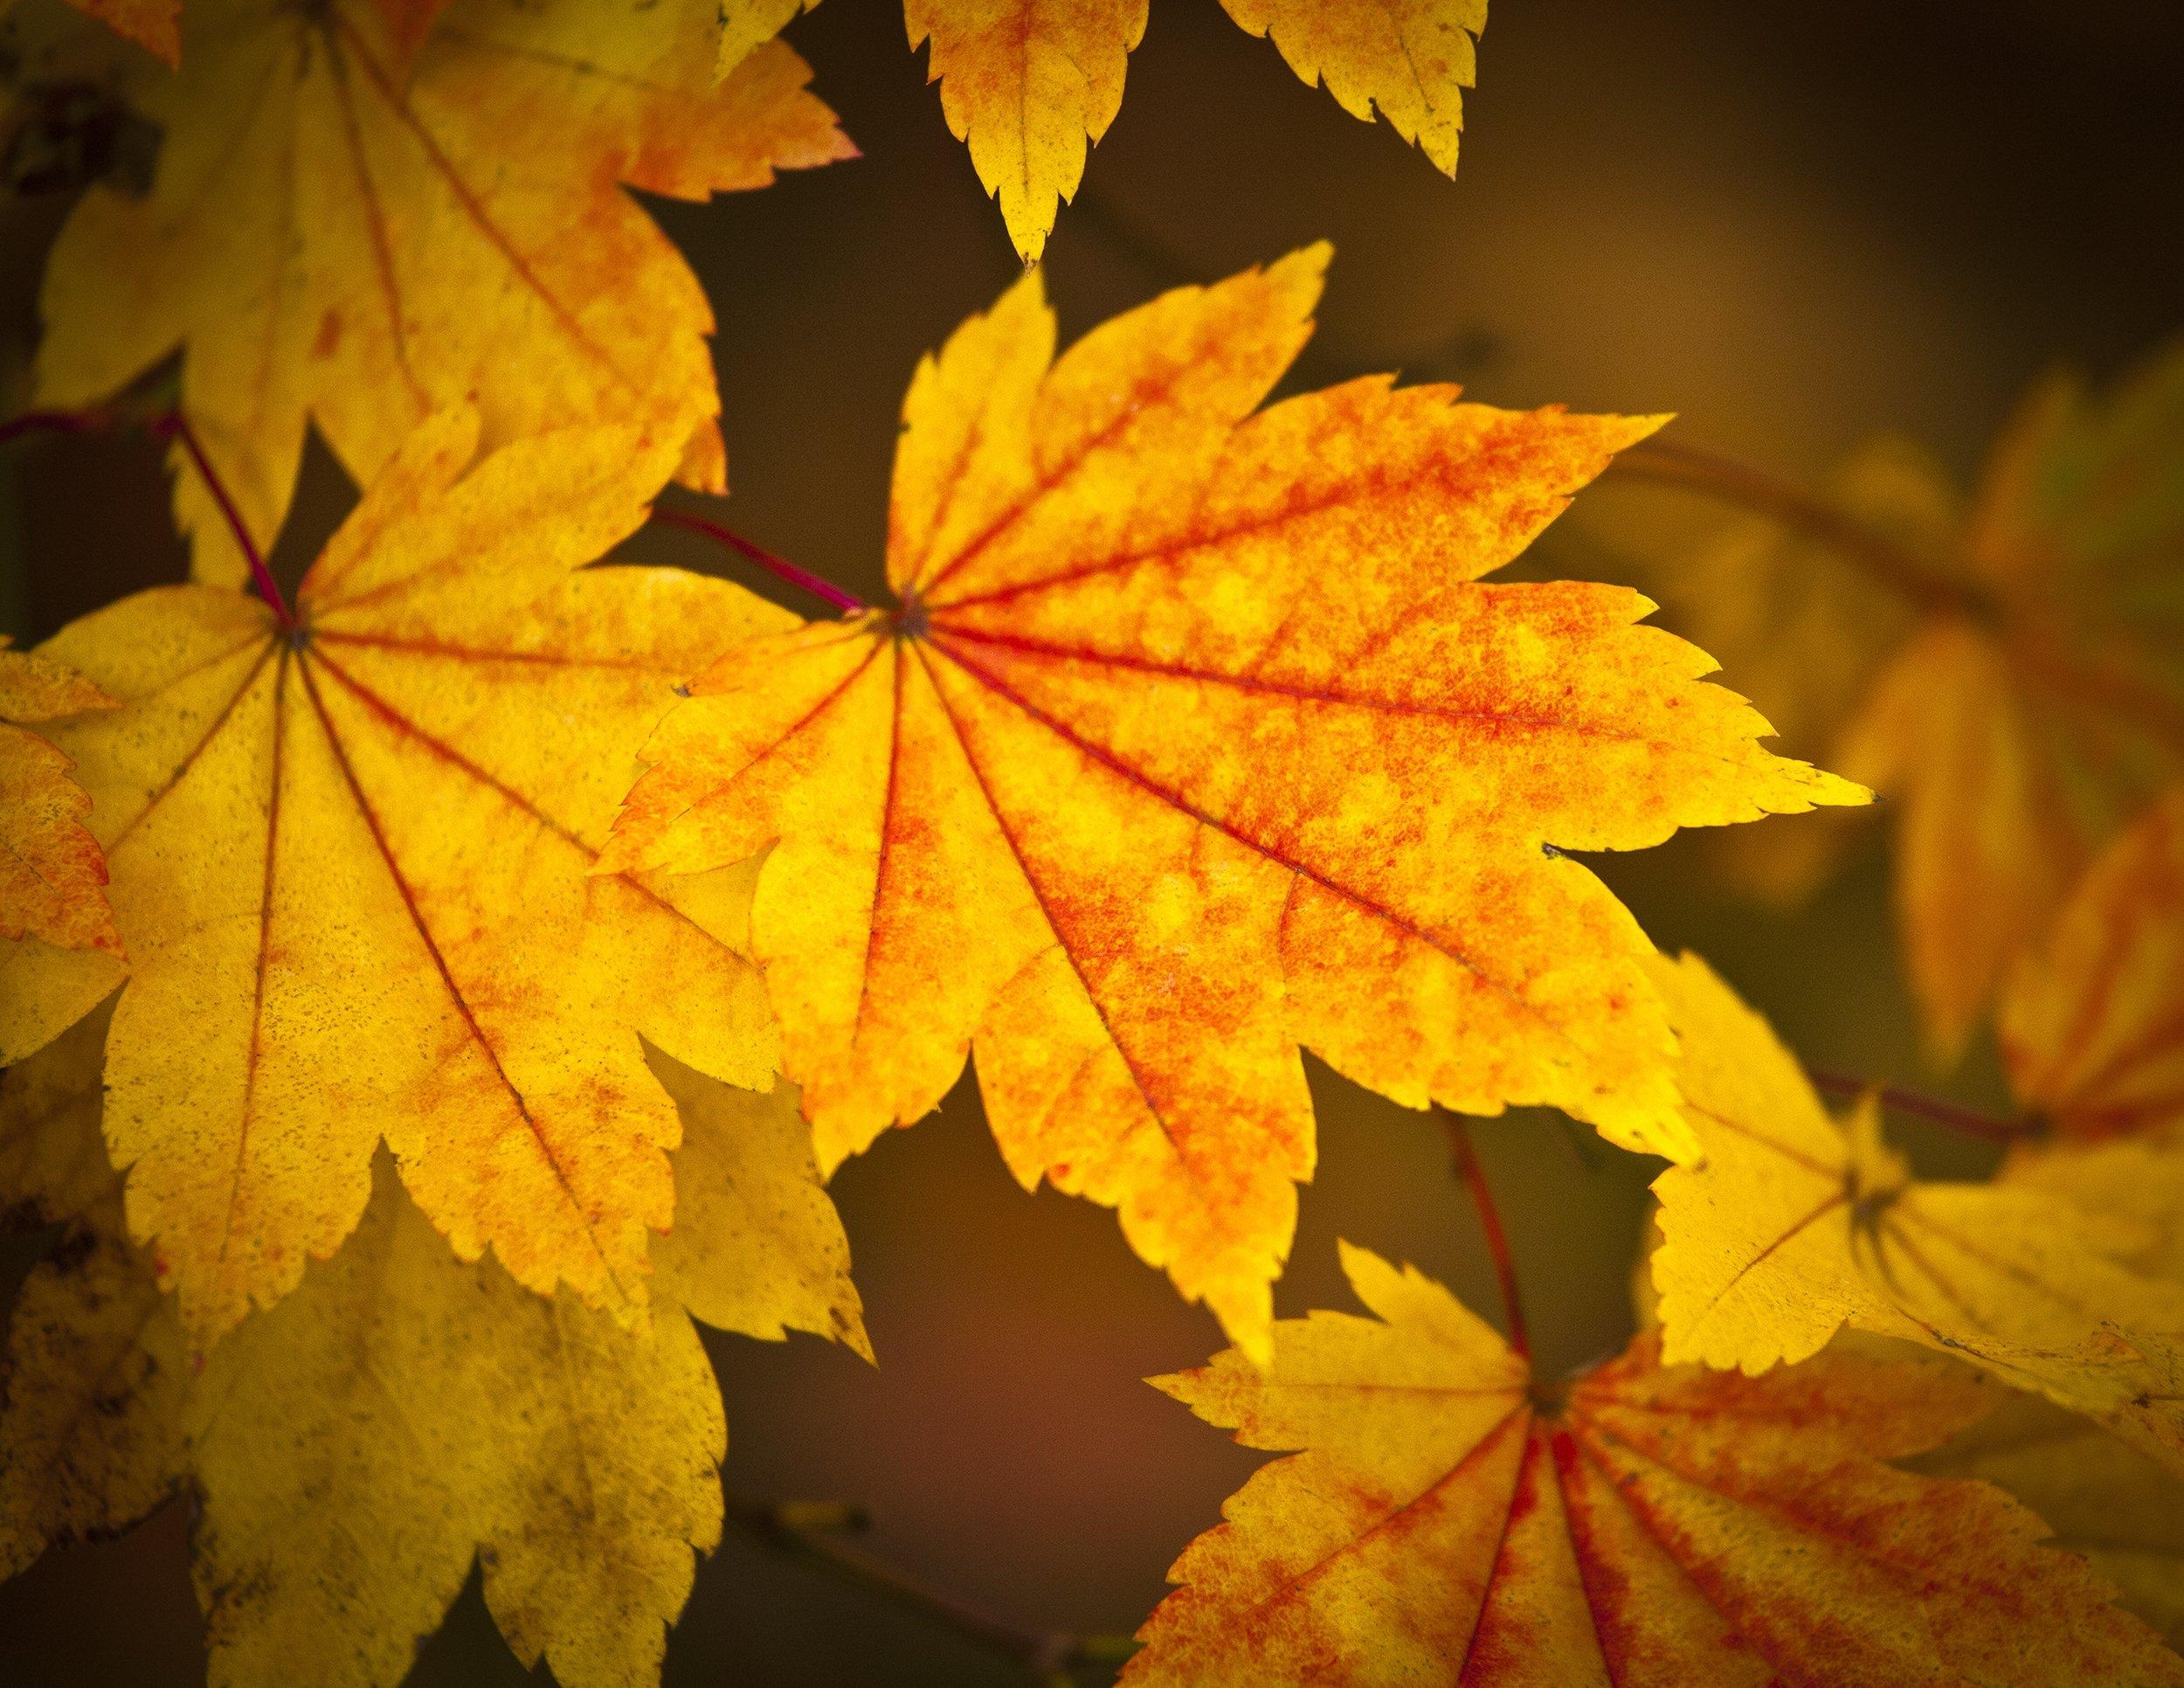 Japanese acer leaves shutterstock_151149539.jpg